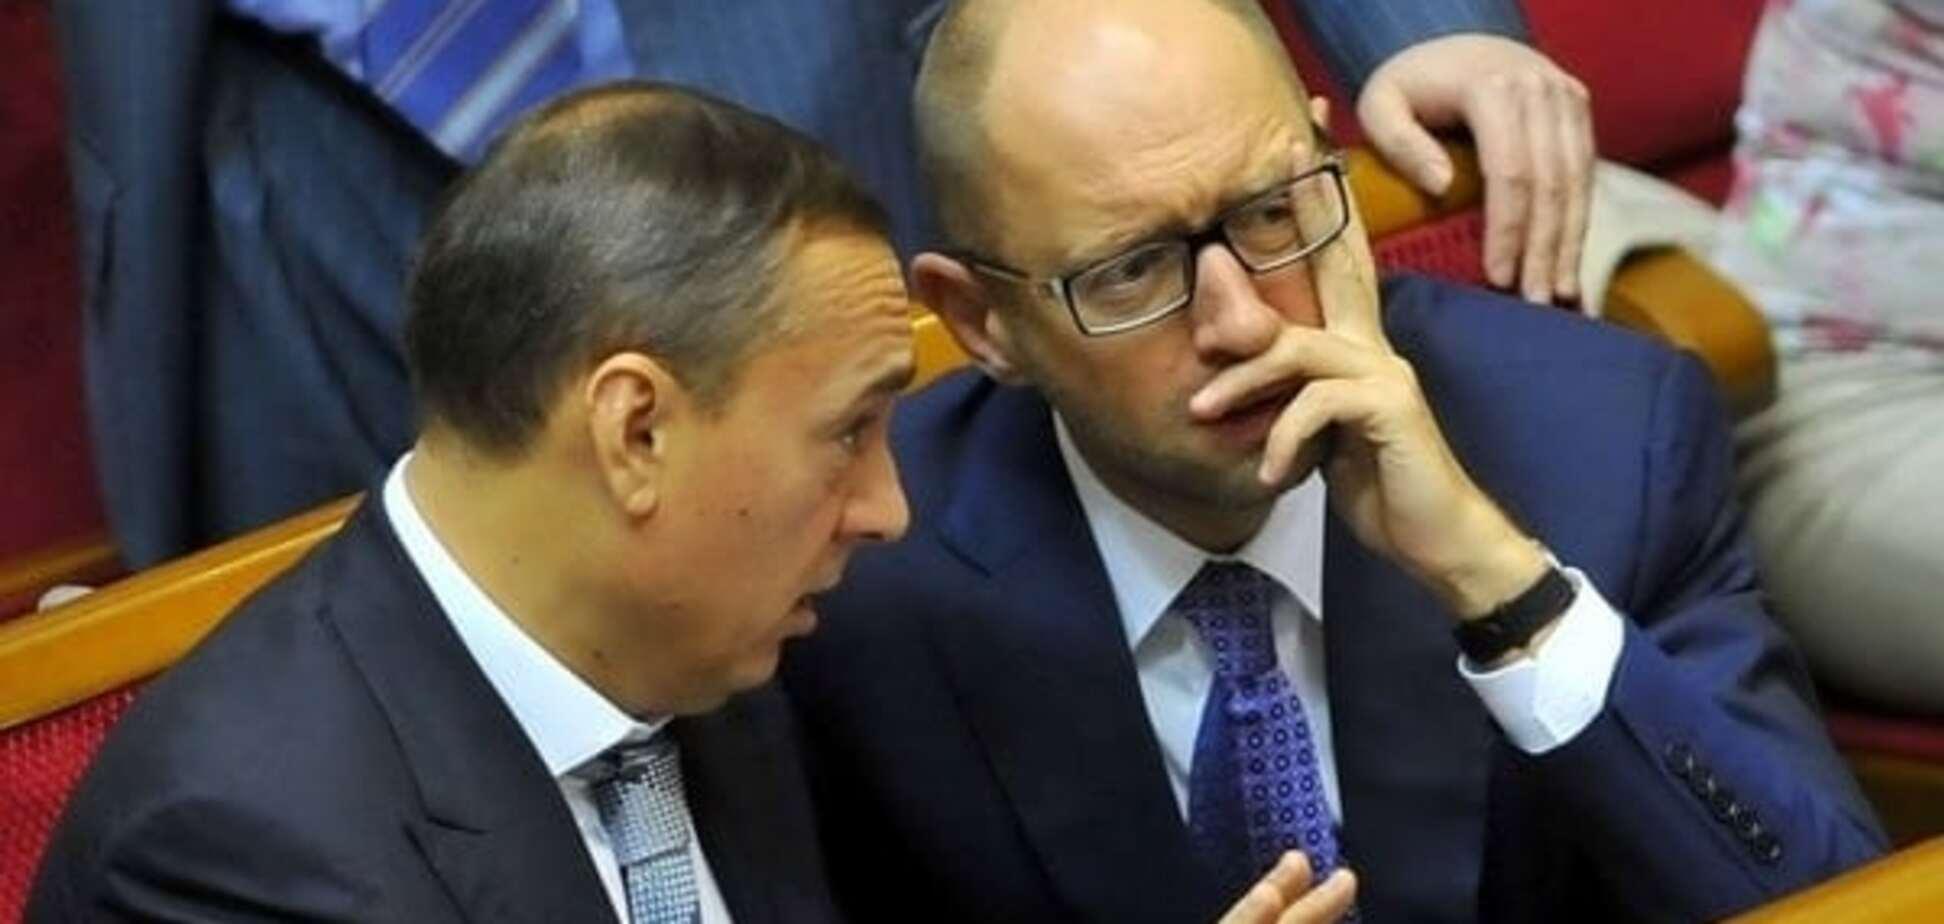 Експерт пояснив, хто заважає Яценюку боротися з корупцією